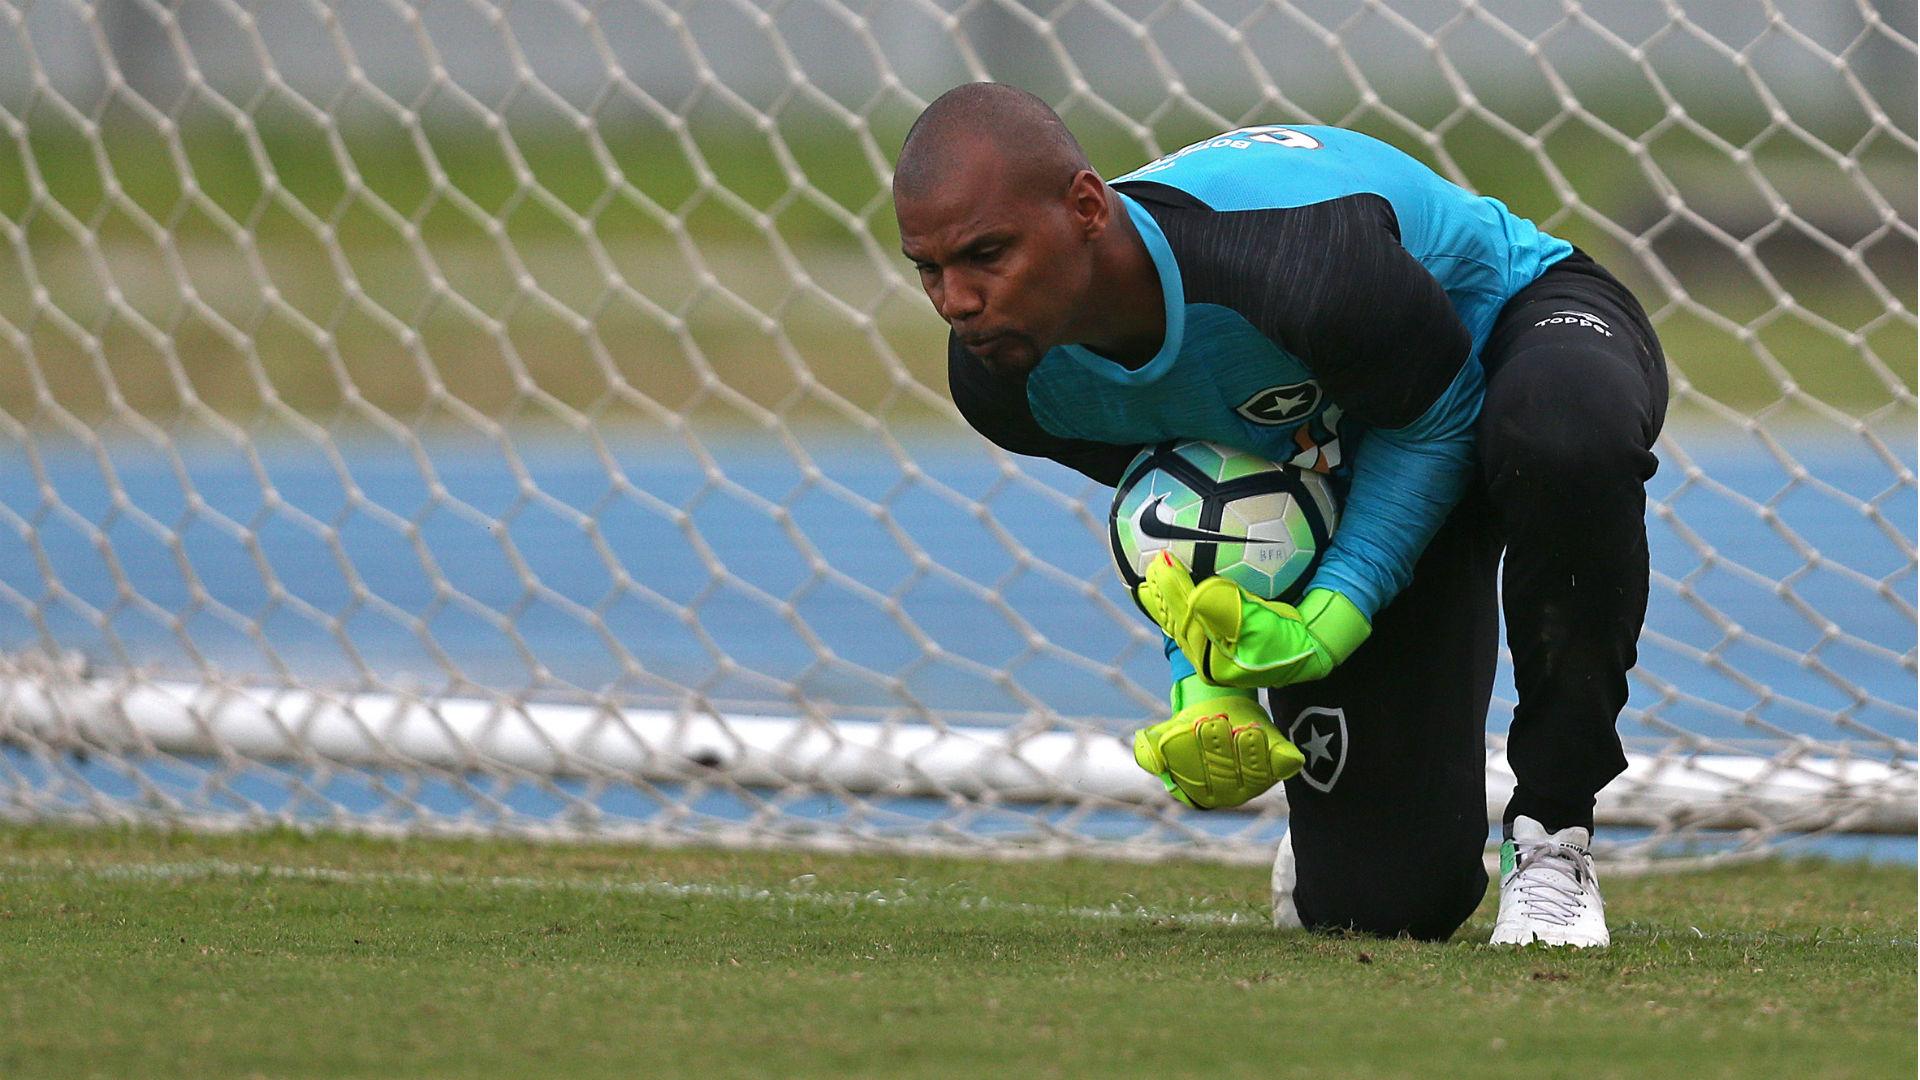 Jefferson tem carro roubado antes de treinamento no Botafogo